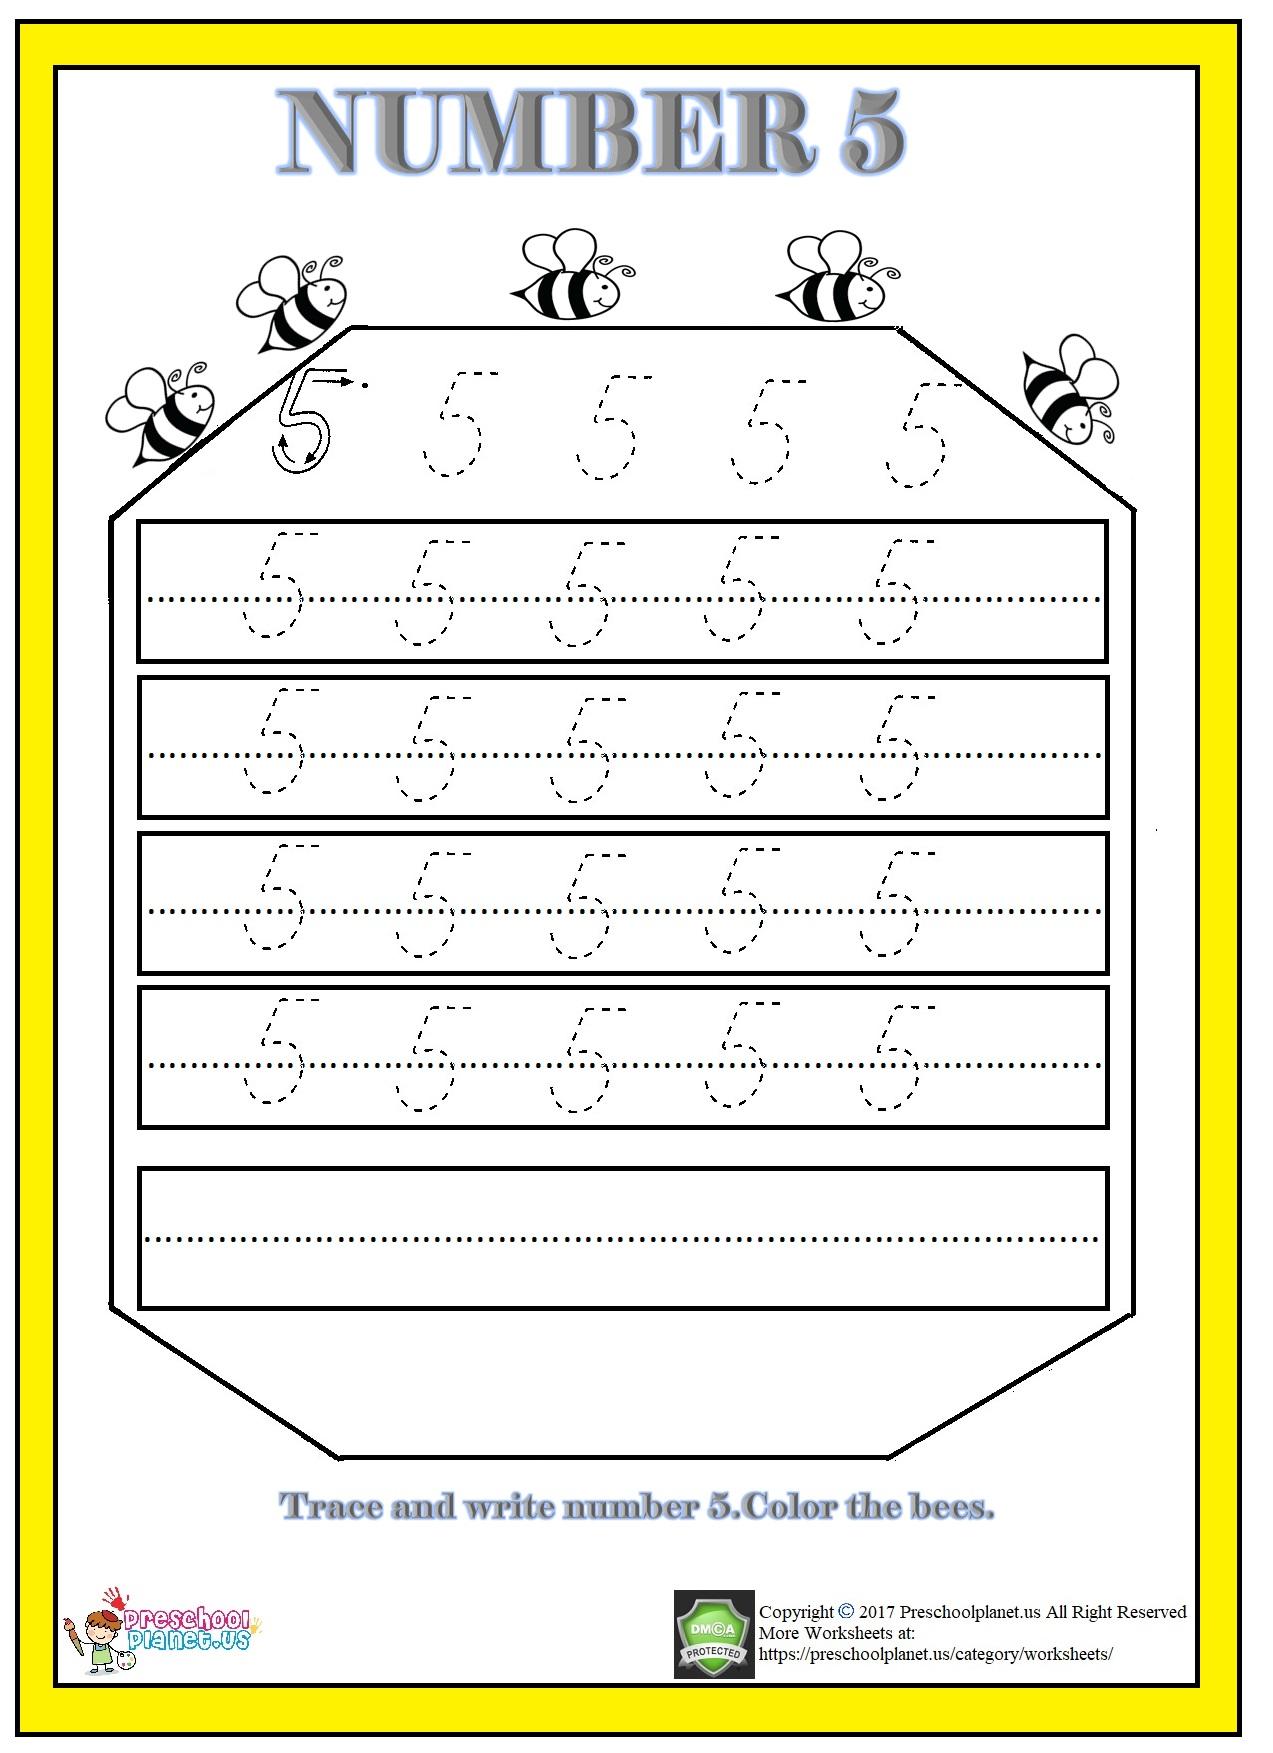 Number 5 Worksheet For Kindergarten